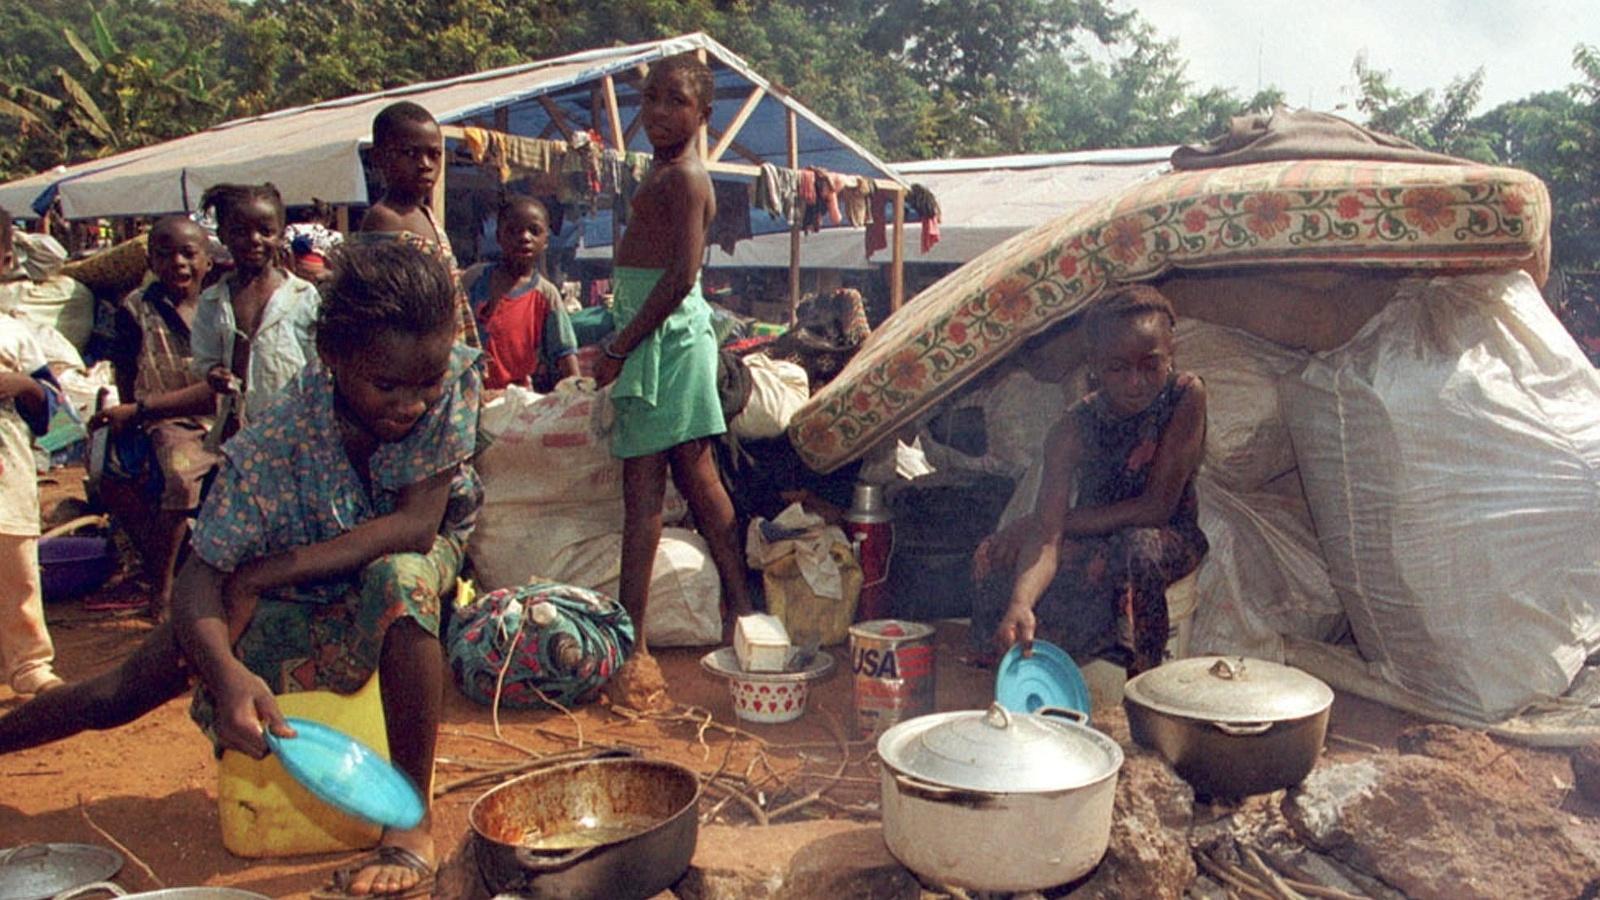 Un kilo por sexo: la ONU ocultó durante 16 años abusos infantiles a gran escala de 40 ONG en África